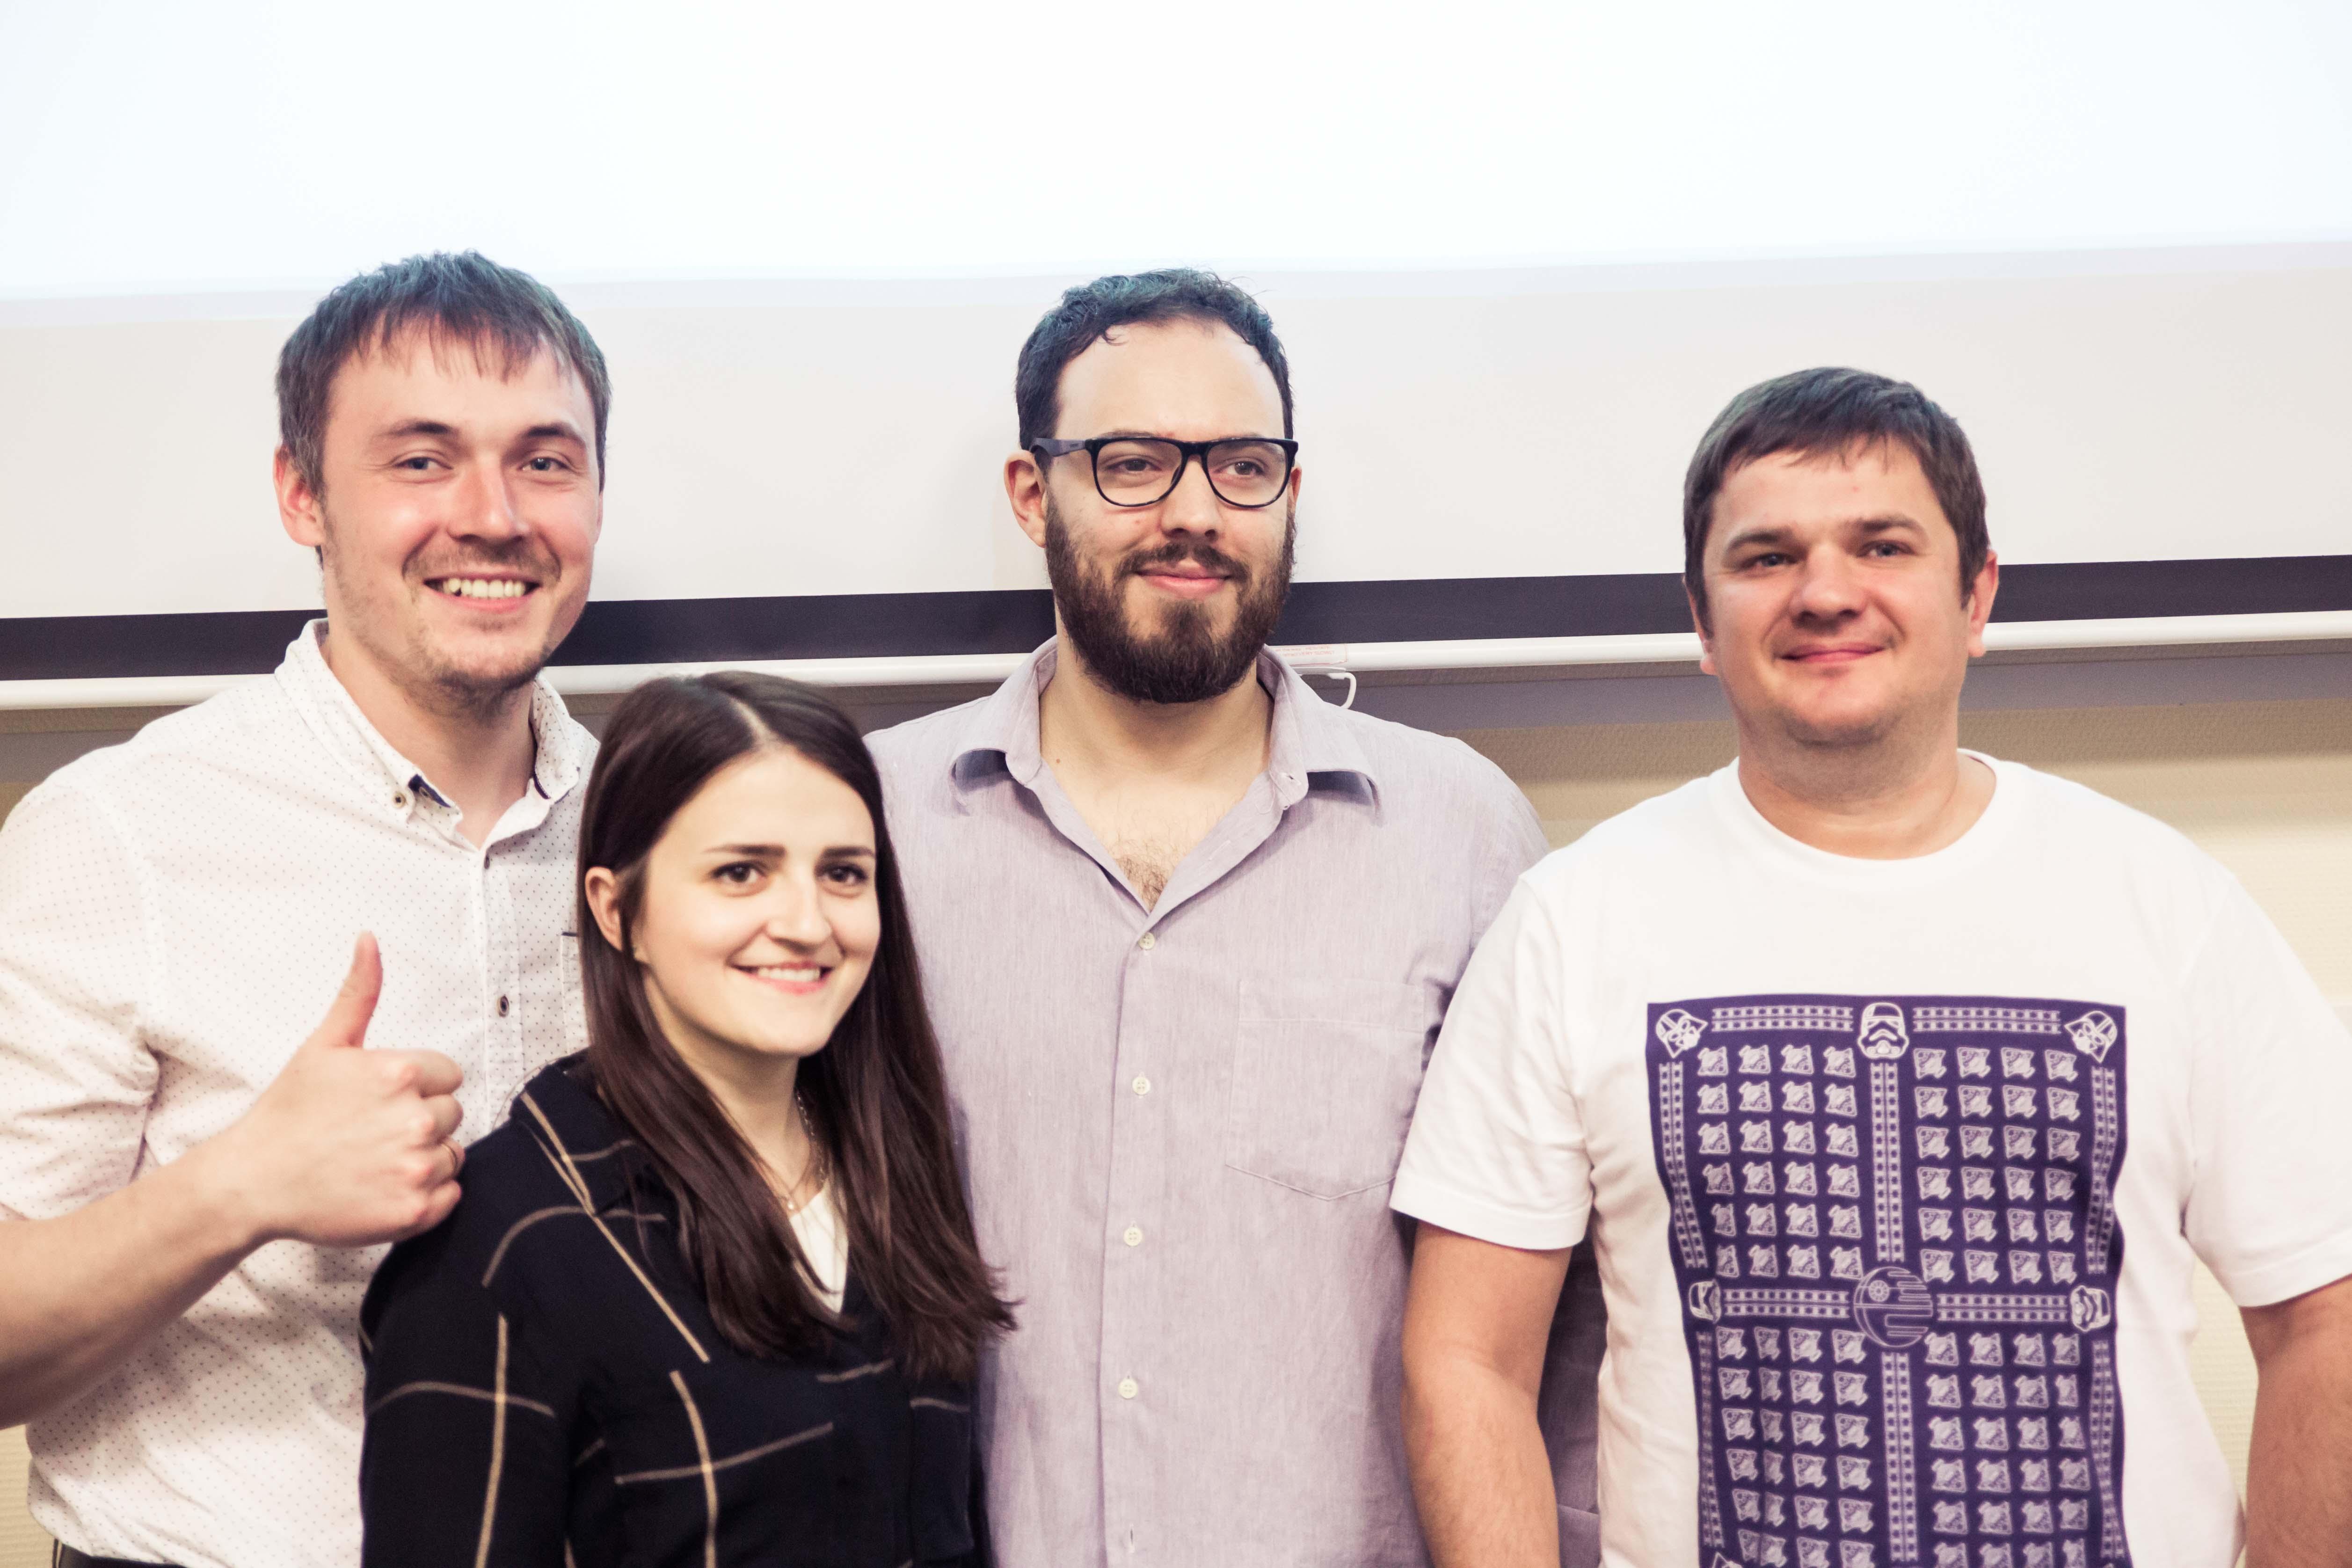 Университет ИТМО. Матиас Пенас и команда проекта Wokka Lokka